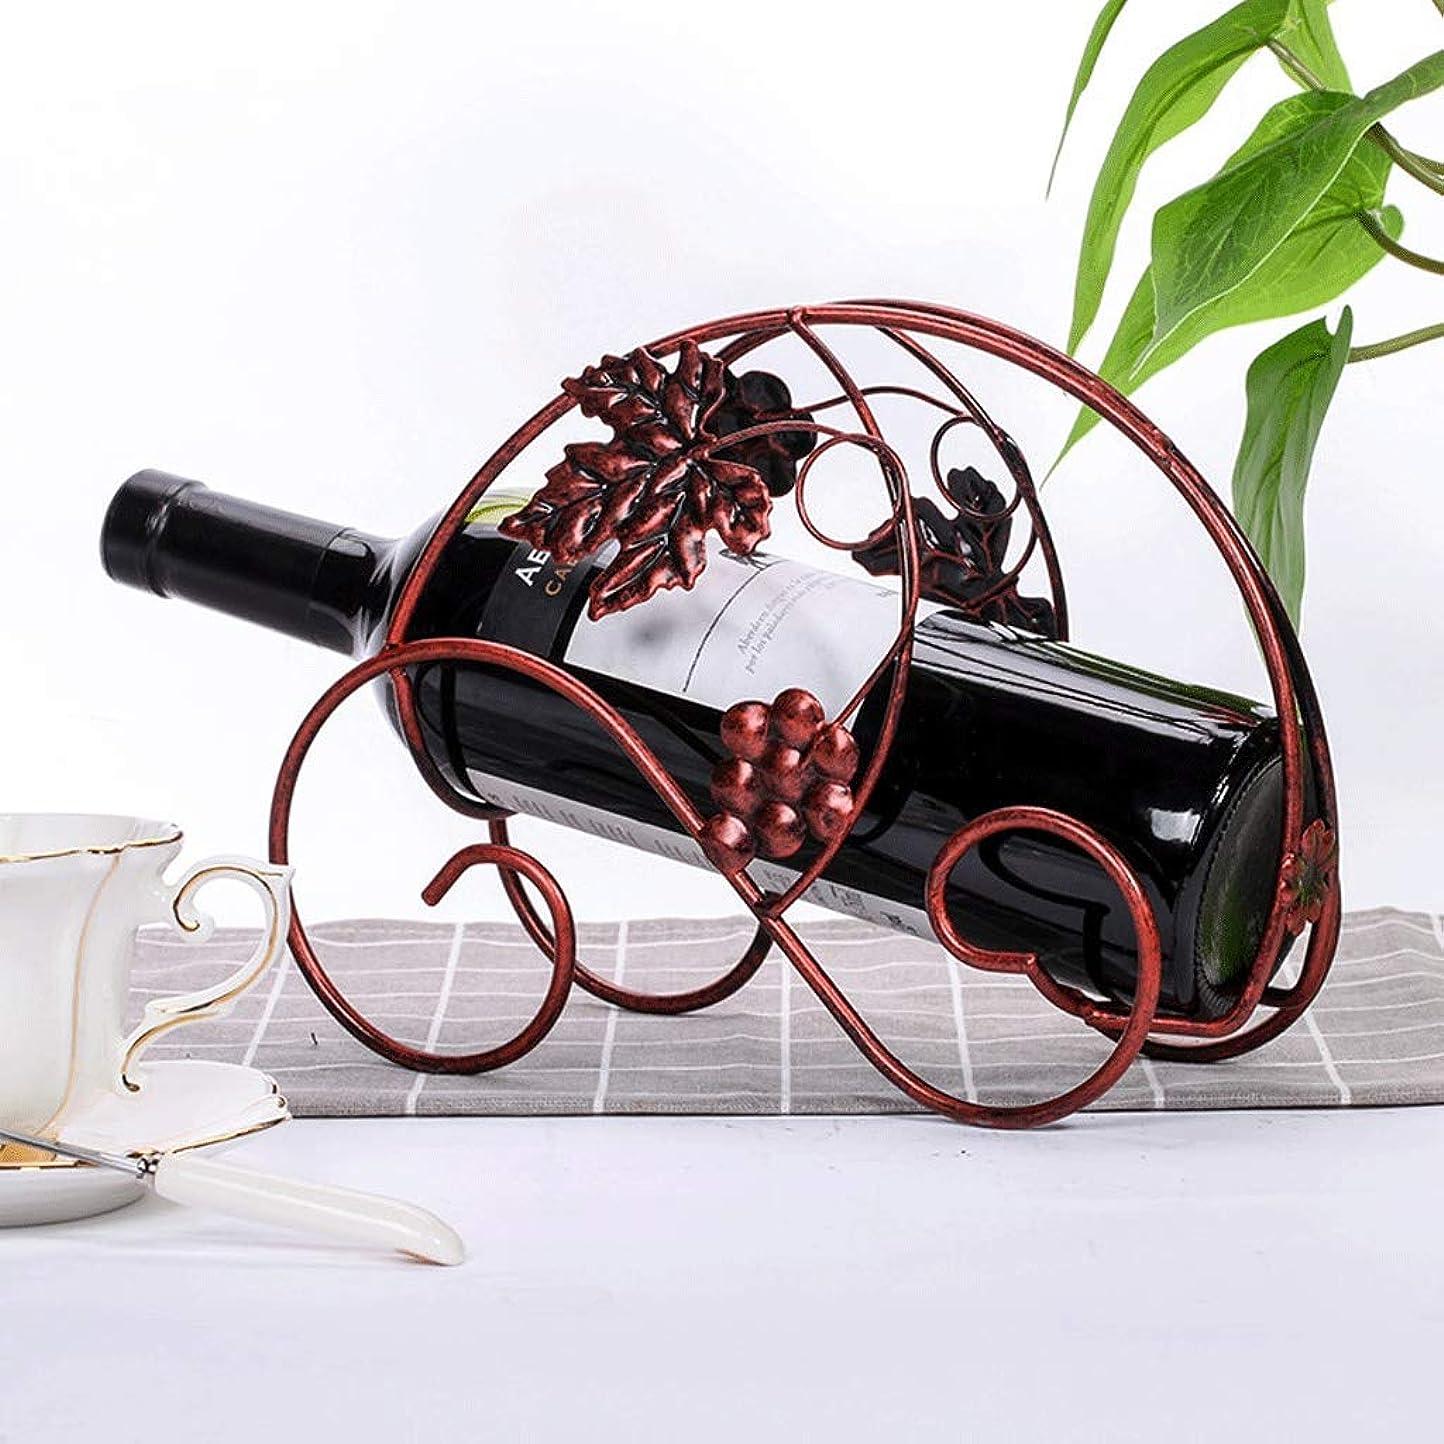 分解する新しい意味把握ワインラックヨーロッパメタルワインラックホームリビングルームワインカップホルダークリエイティブポーチ黒ワインラック (色 : ブロンズ)